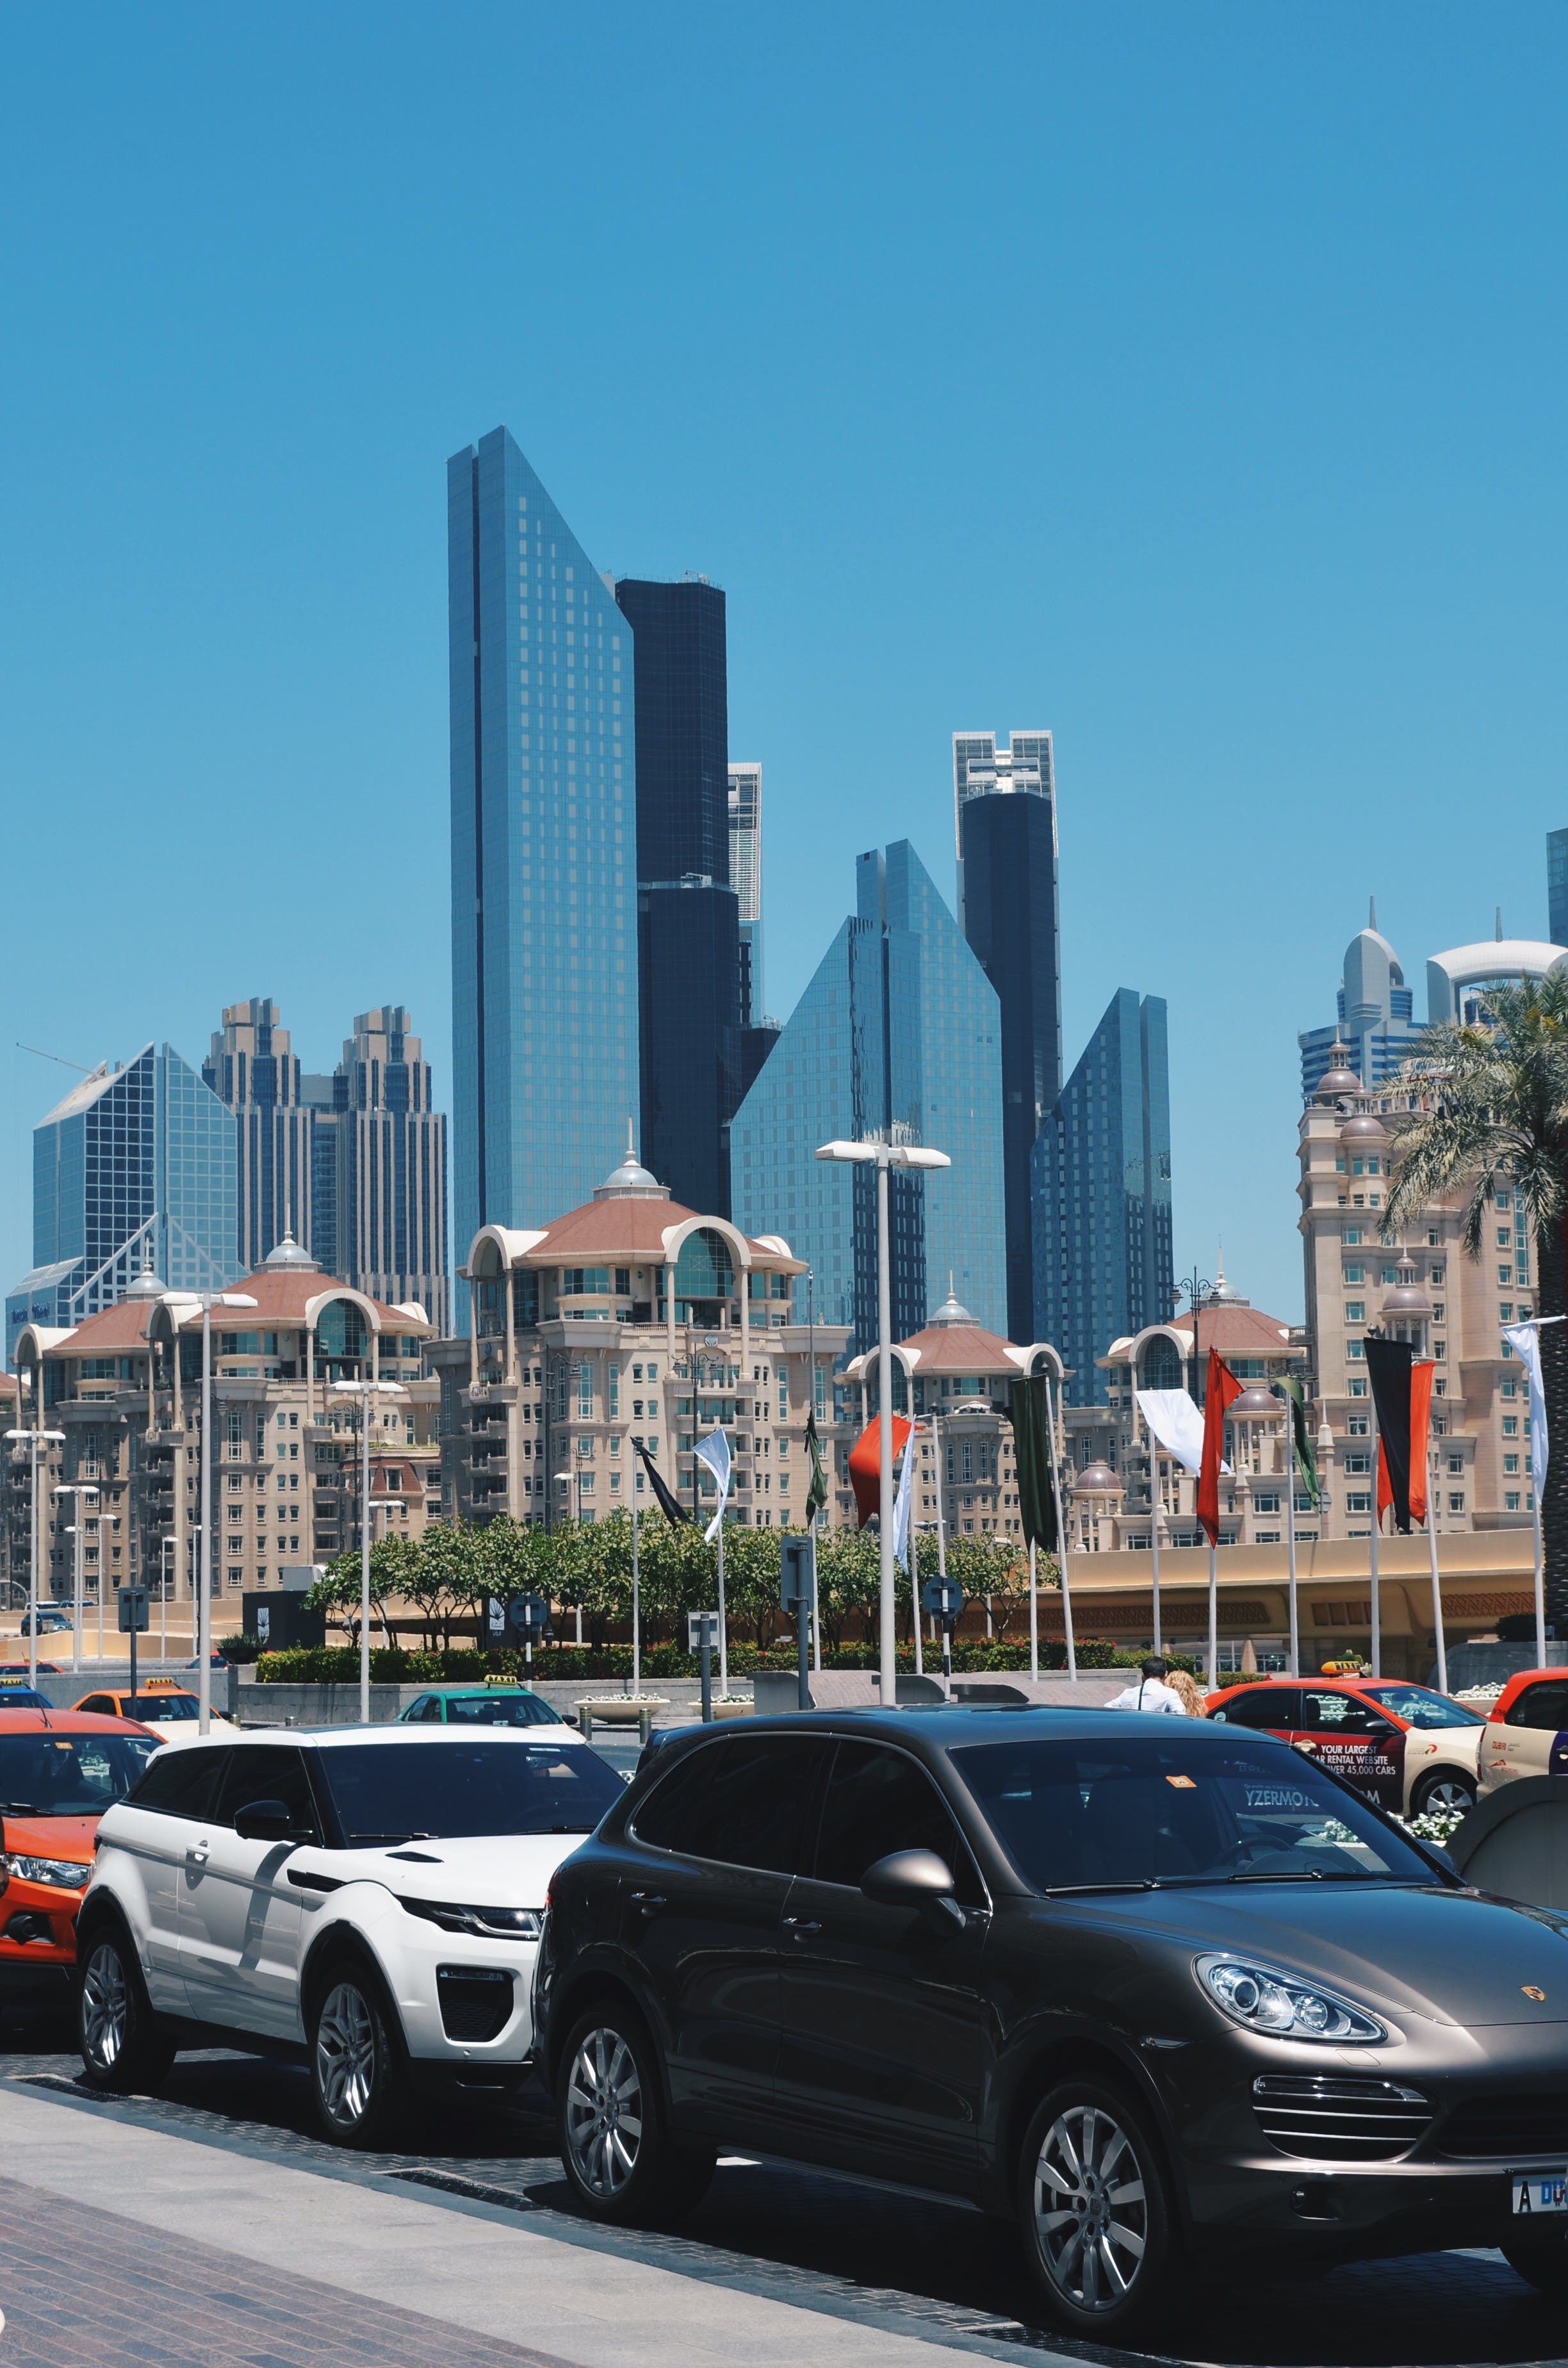 Free stock photo of city, porsche, mall, skyscraper